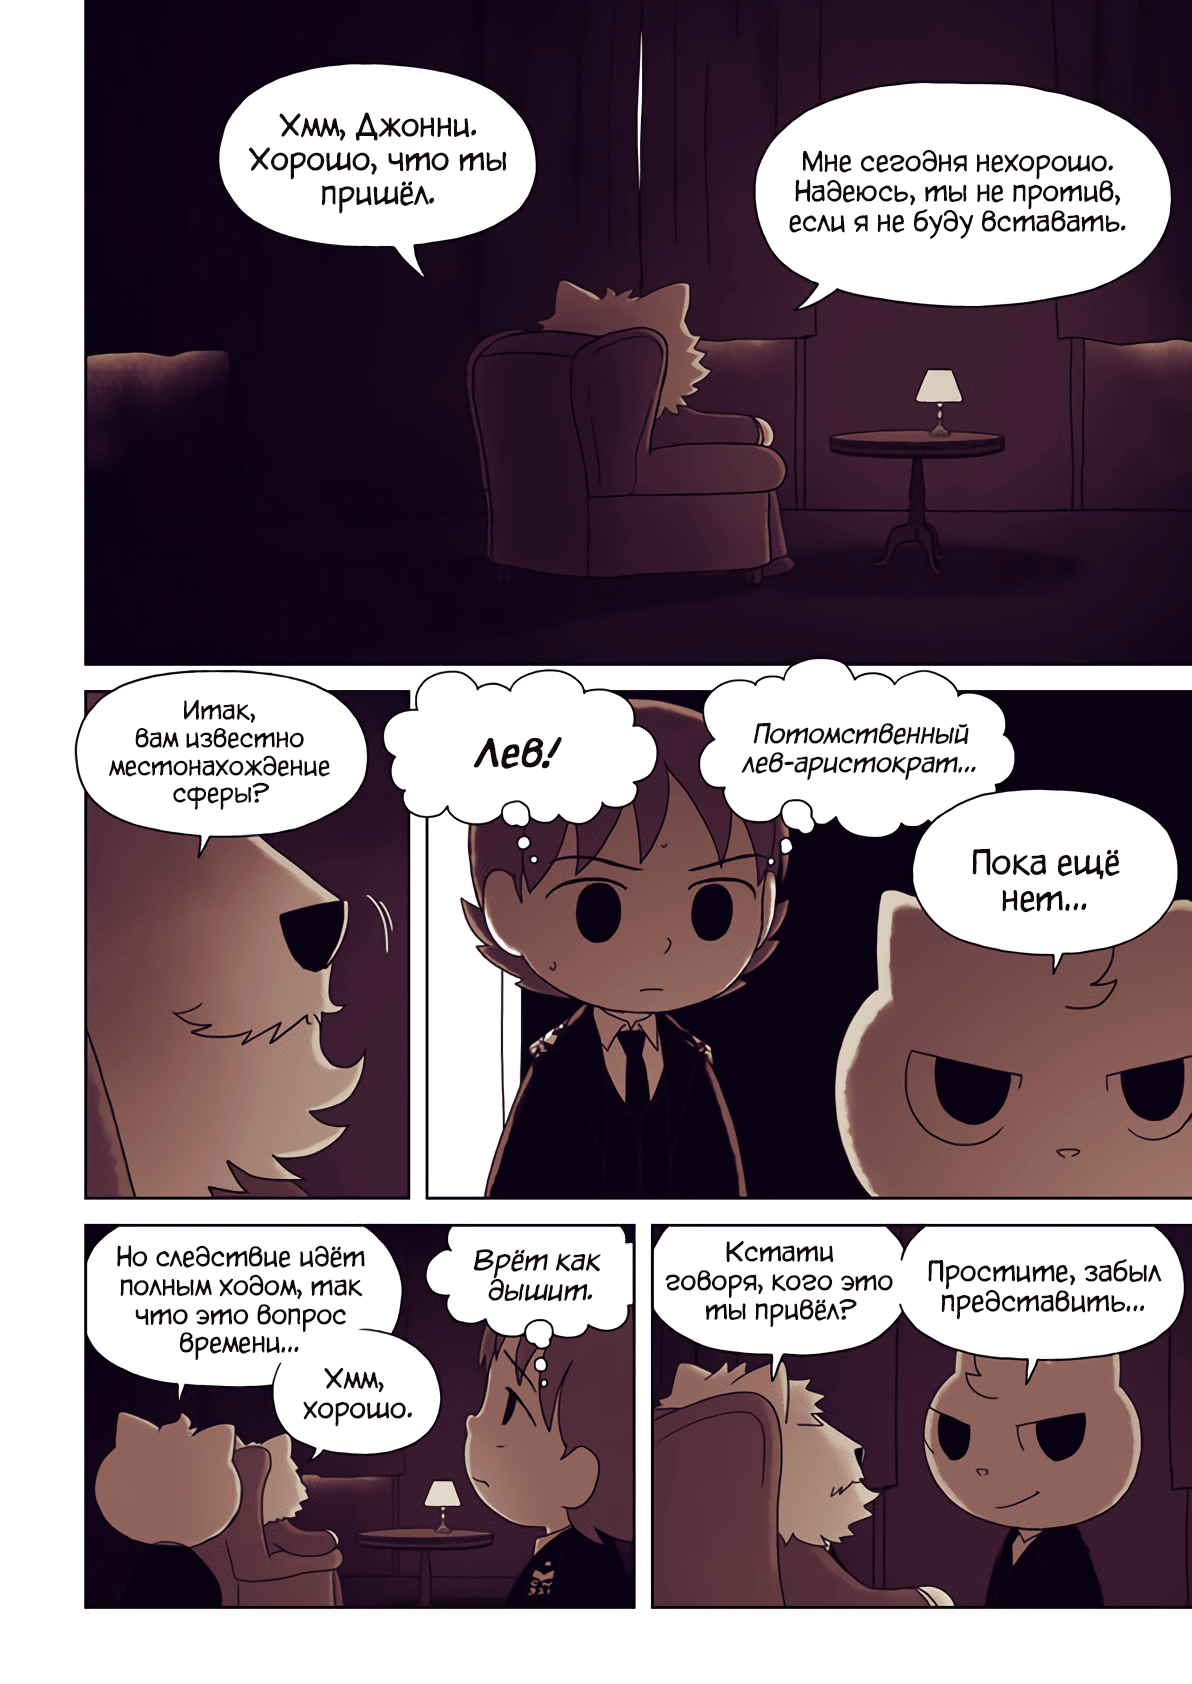 https://r1.ninemanga.com/comics/pic2/5/31749/333766/1505307919465.png Page 17